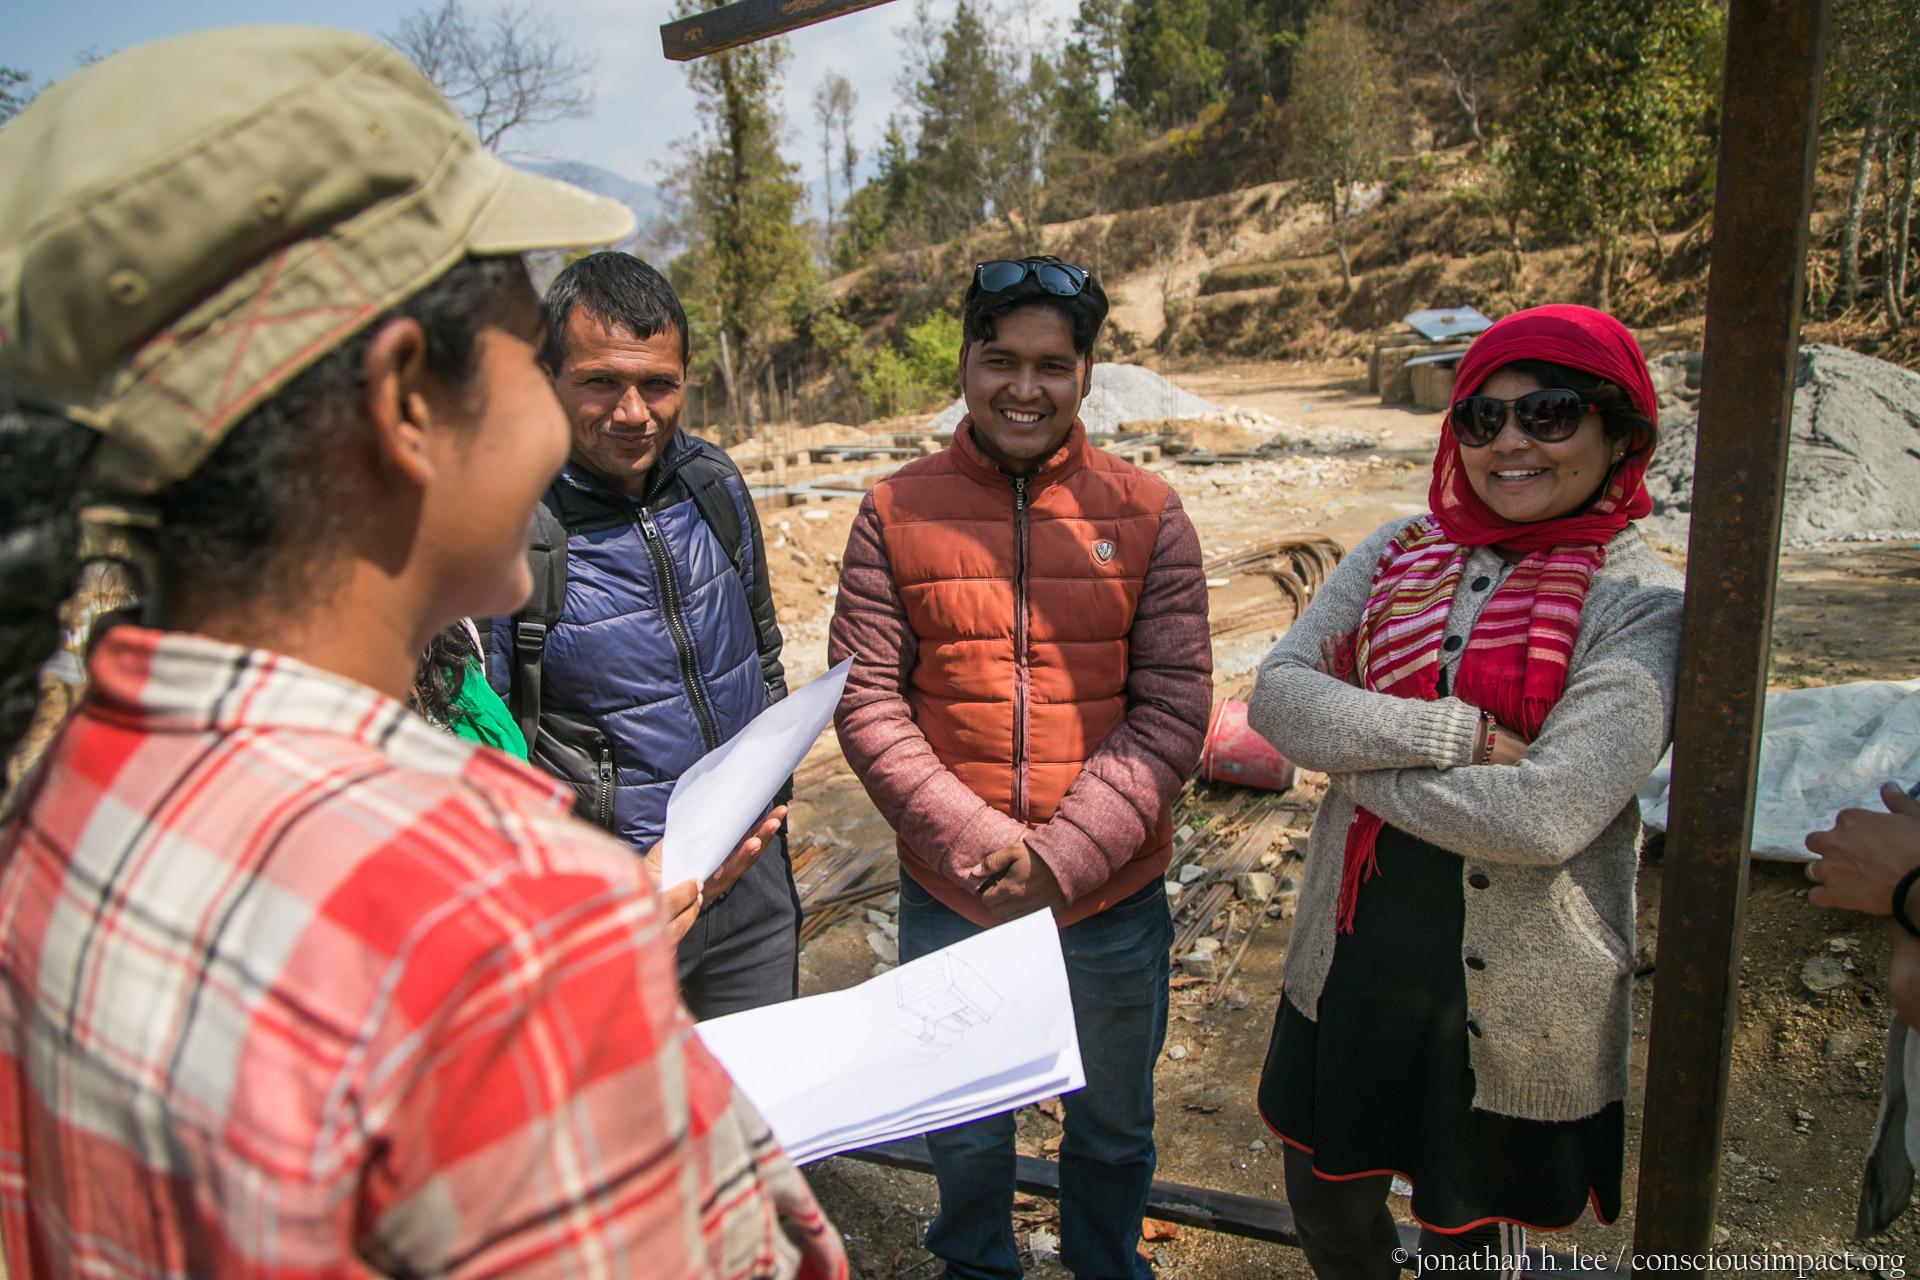 Architect, Satwika Tanduri, chatting with Mina Thapa about the design.